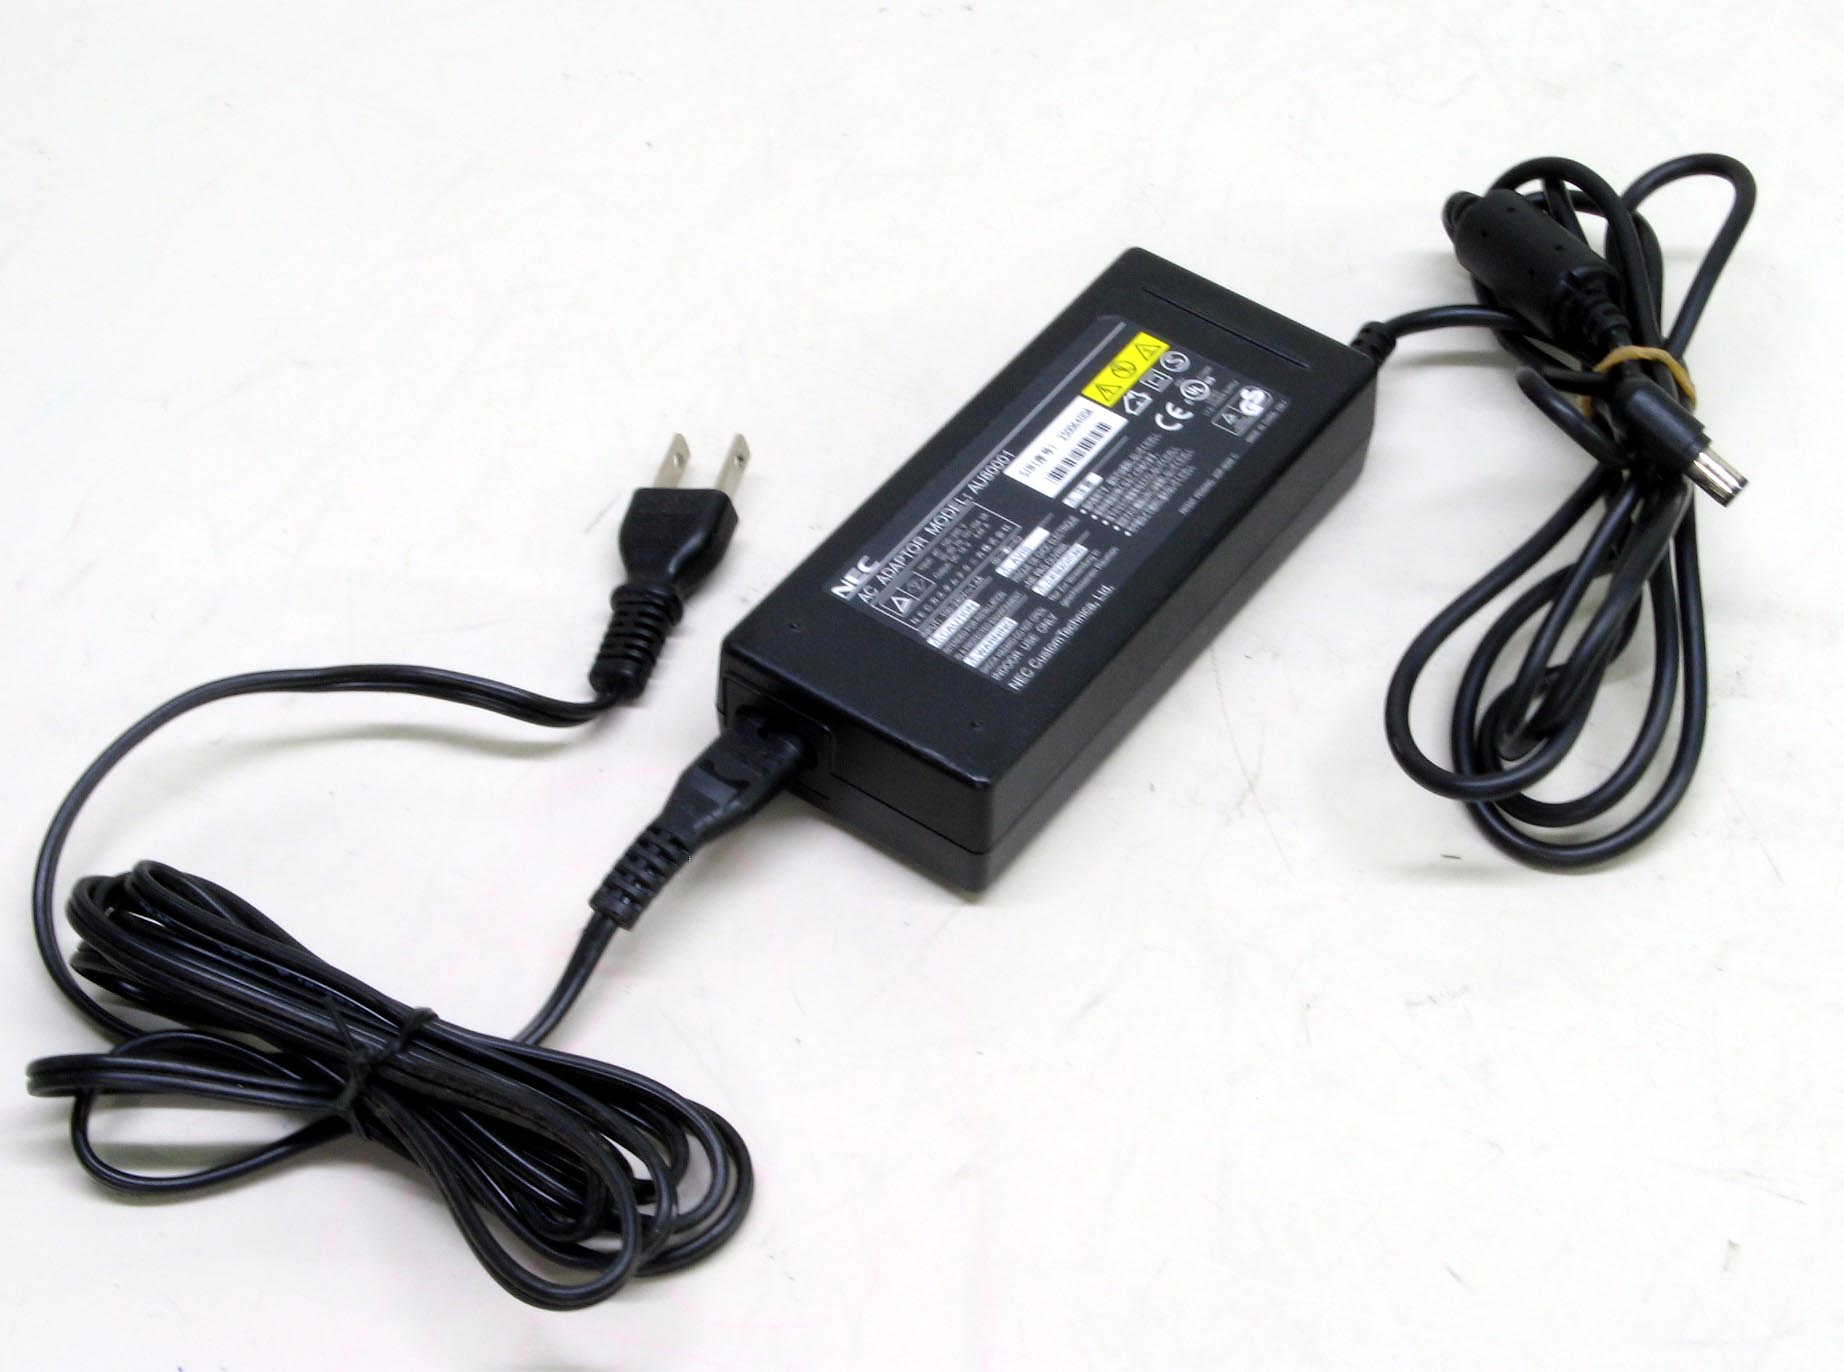 N-4/NEC ノートPC用ACアダプタ ADP-90AB(AU80001)  18V/4.44A 電源コード付